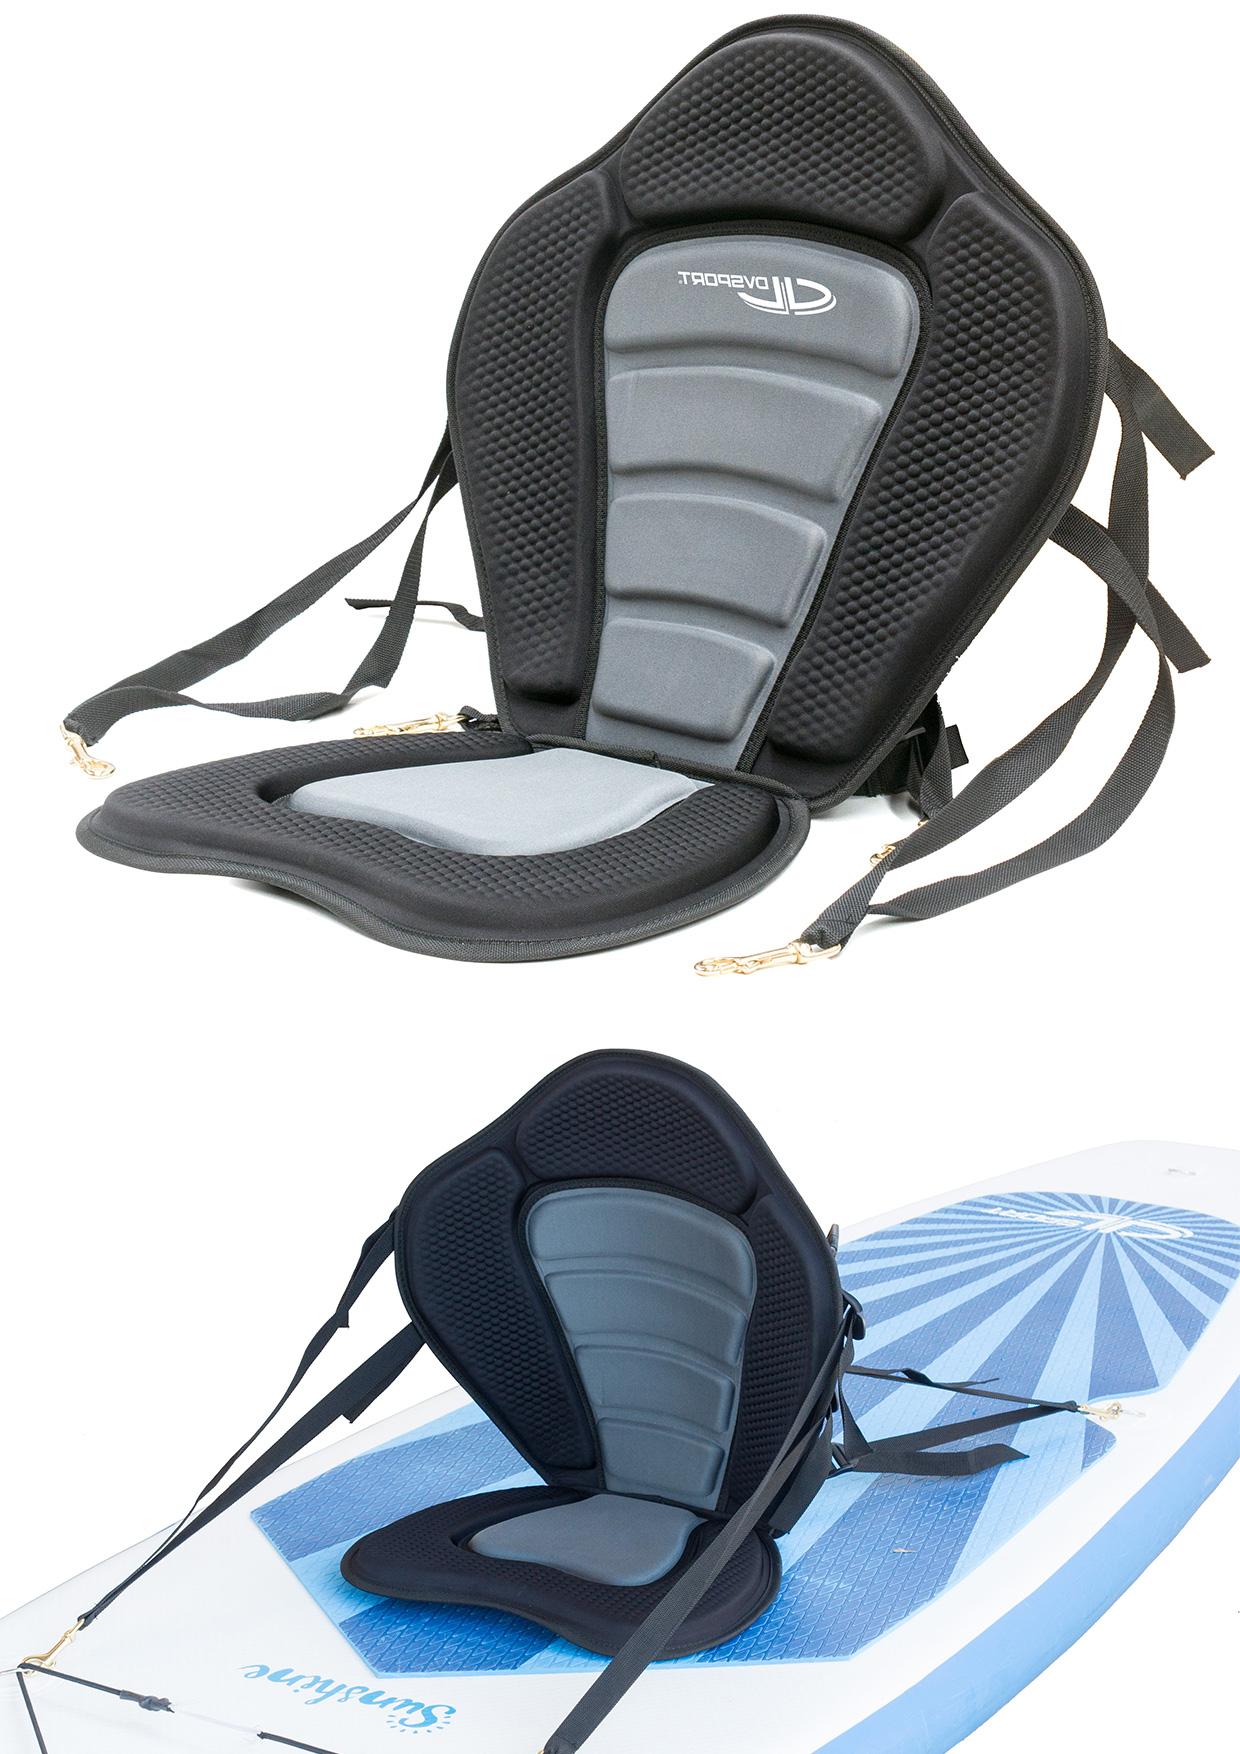 Silla para sup o kayak supaddict for Sillas para kayak